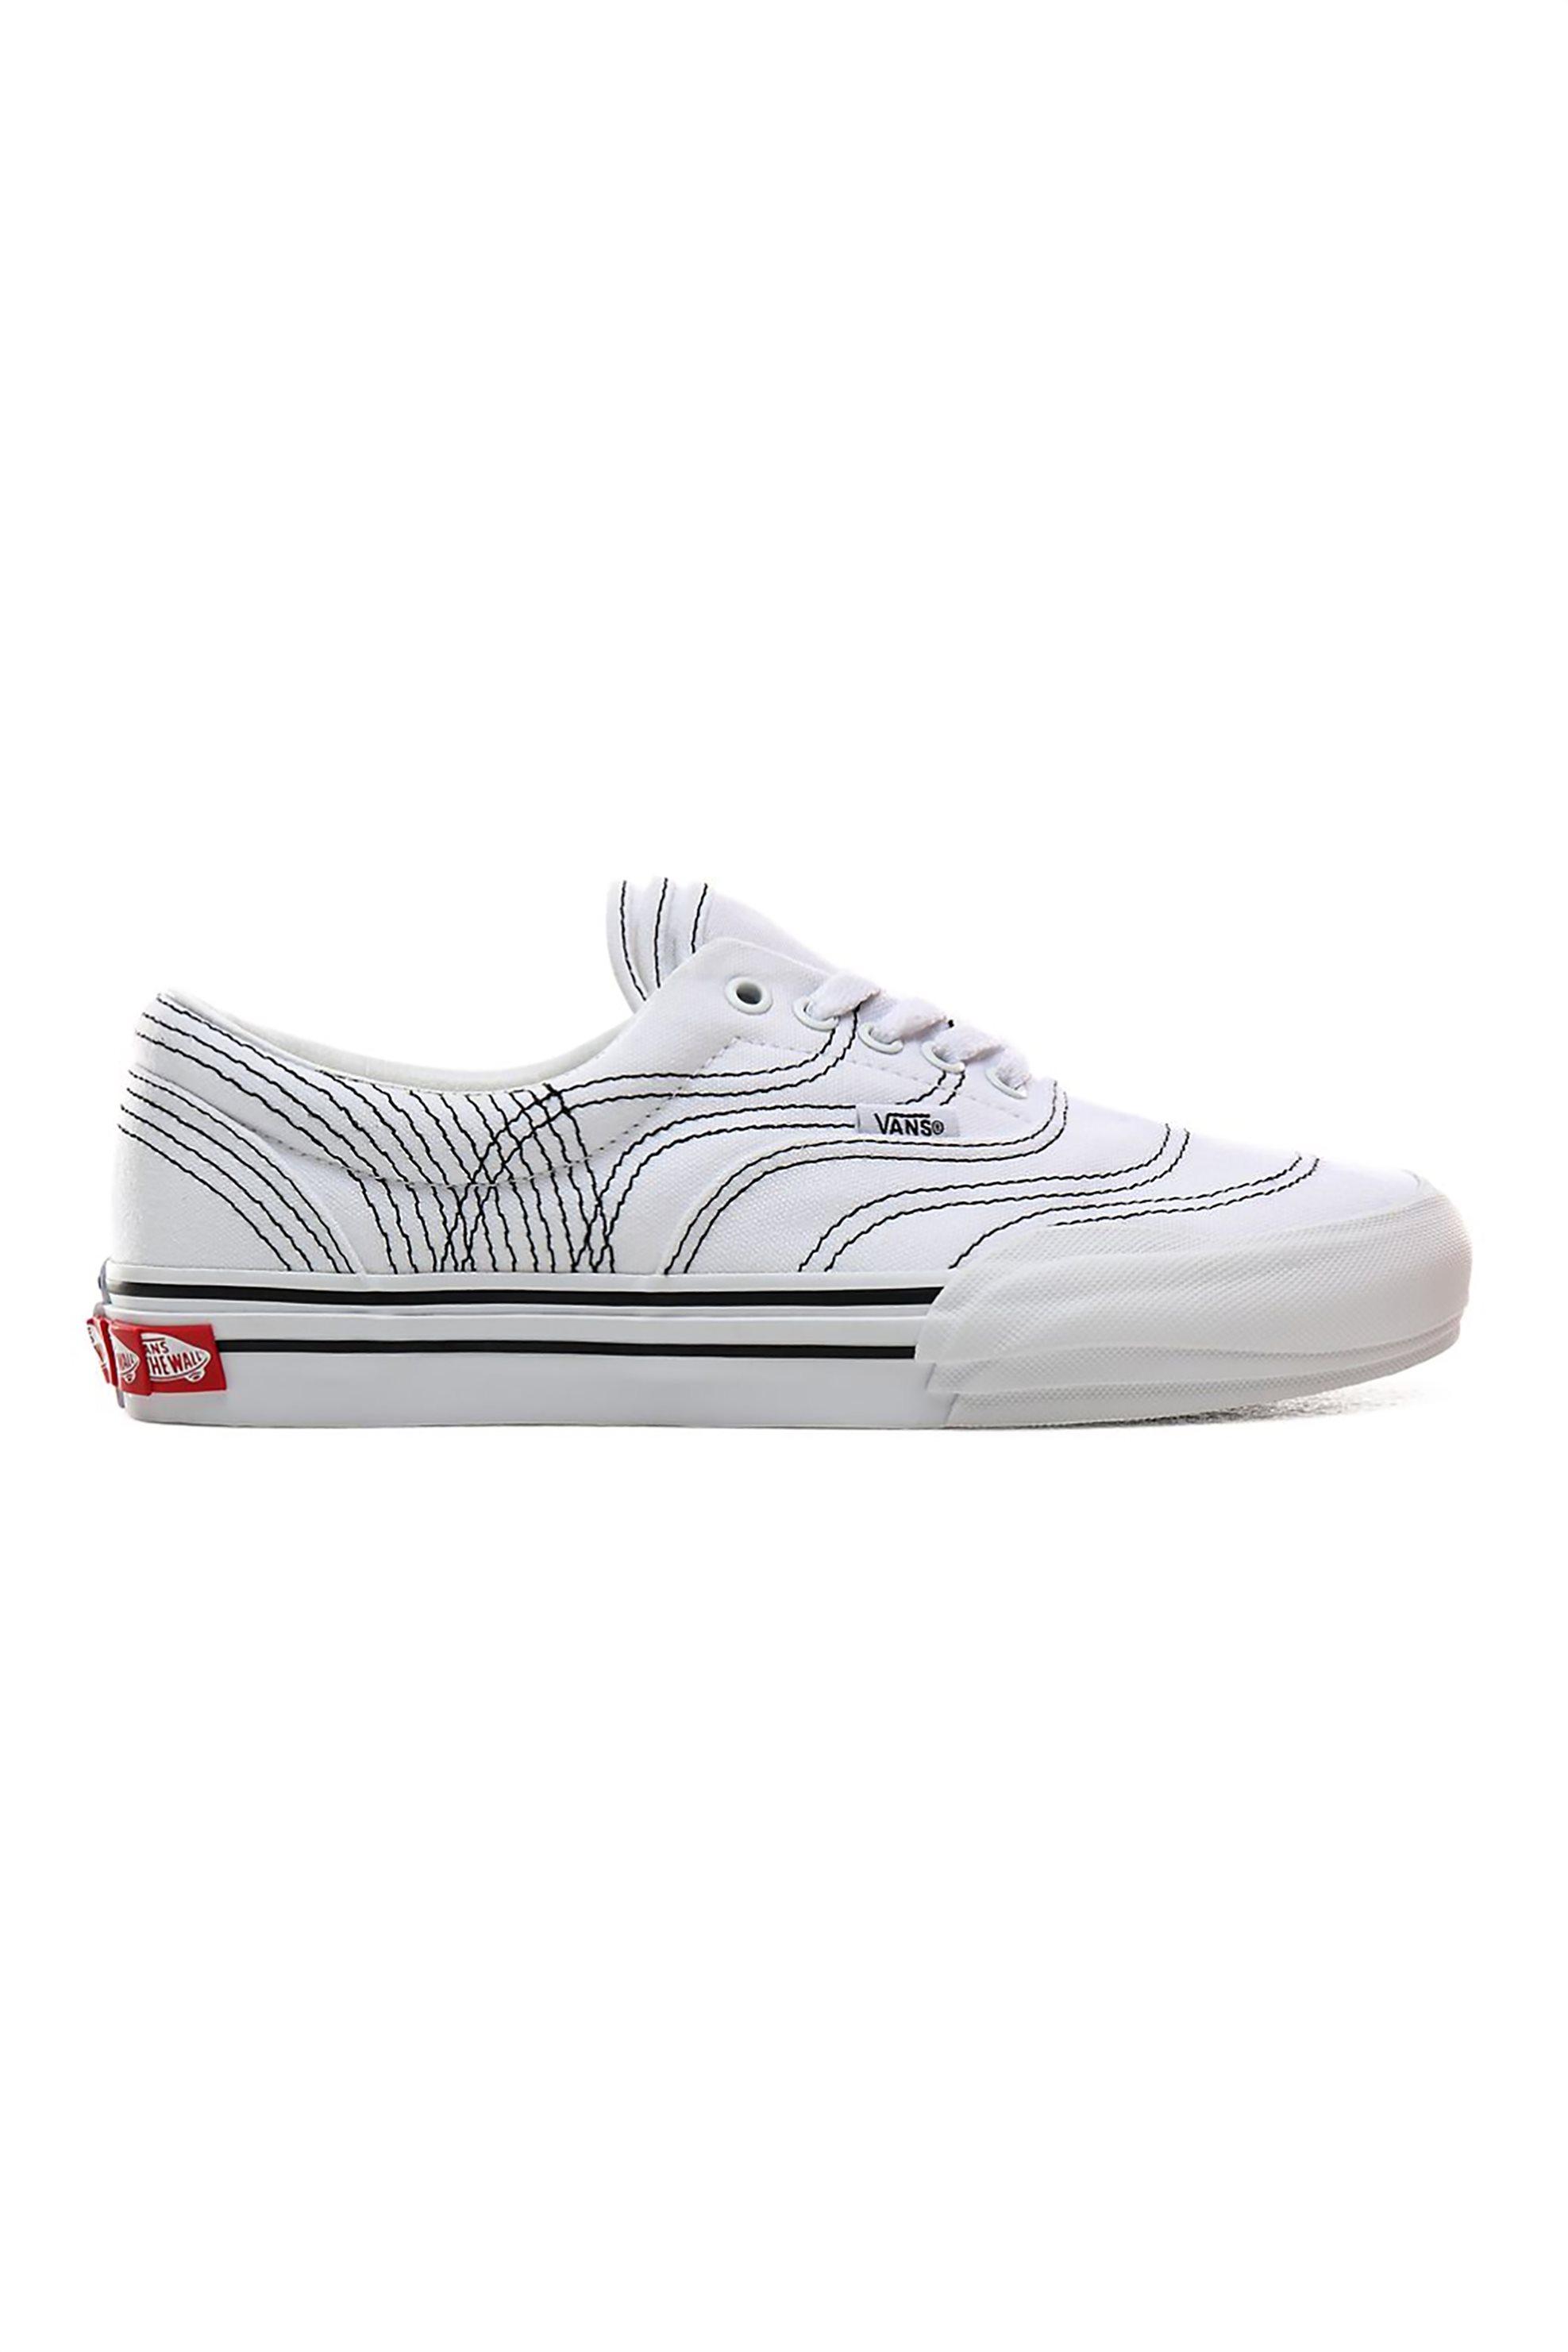 Παπούτσια νούμερο 42 IFY Shoes